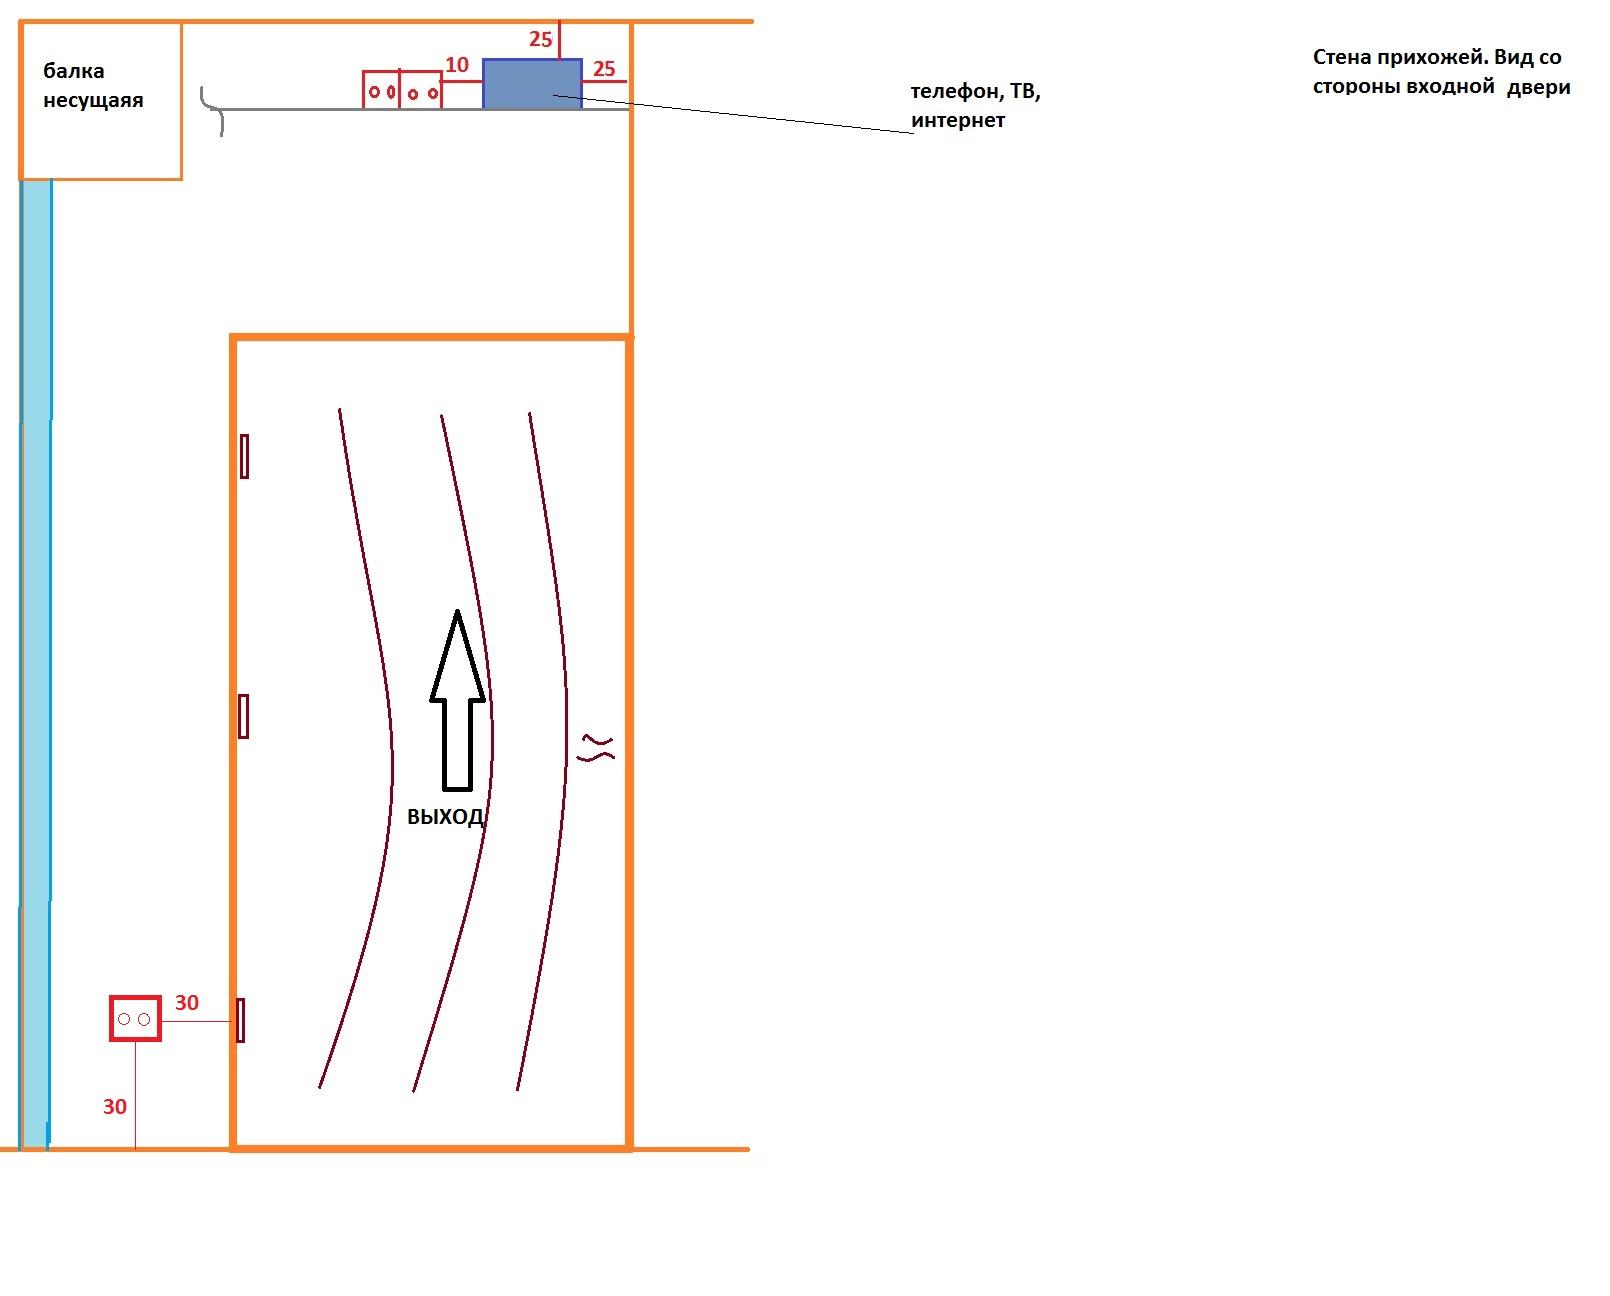 Стена-в-прихожей-вид-сторона-входной-двери